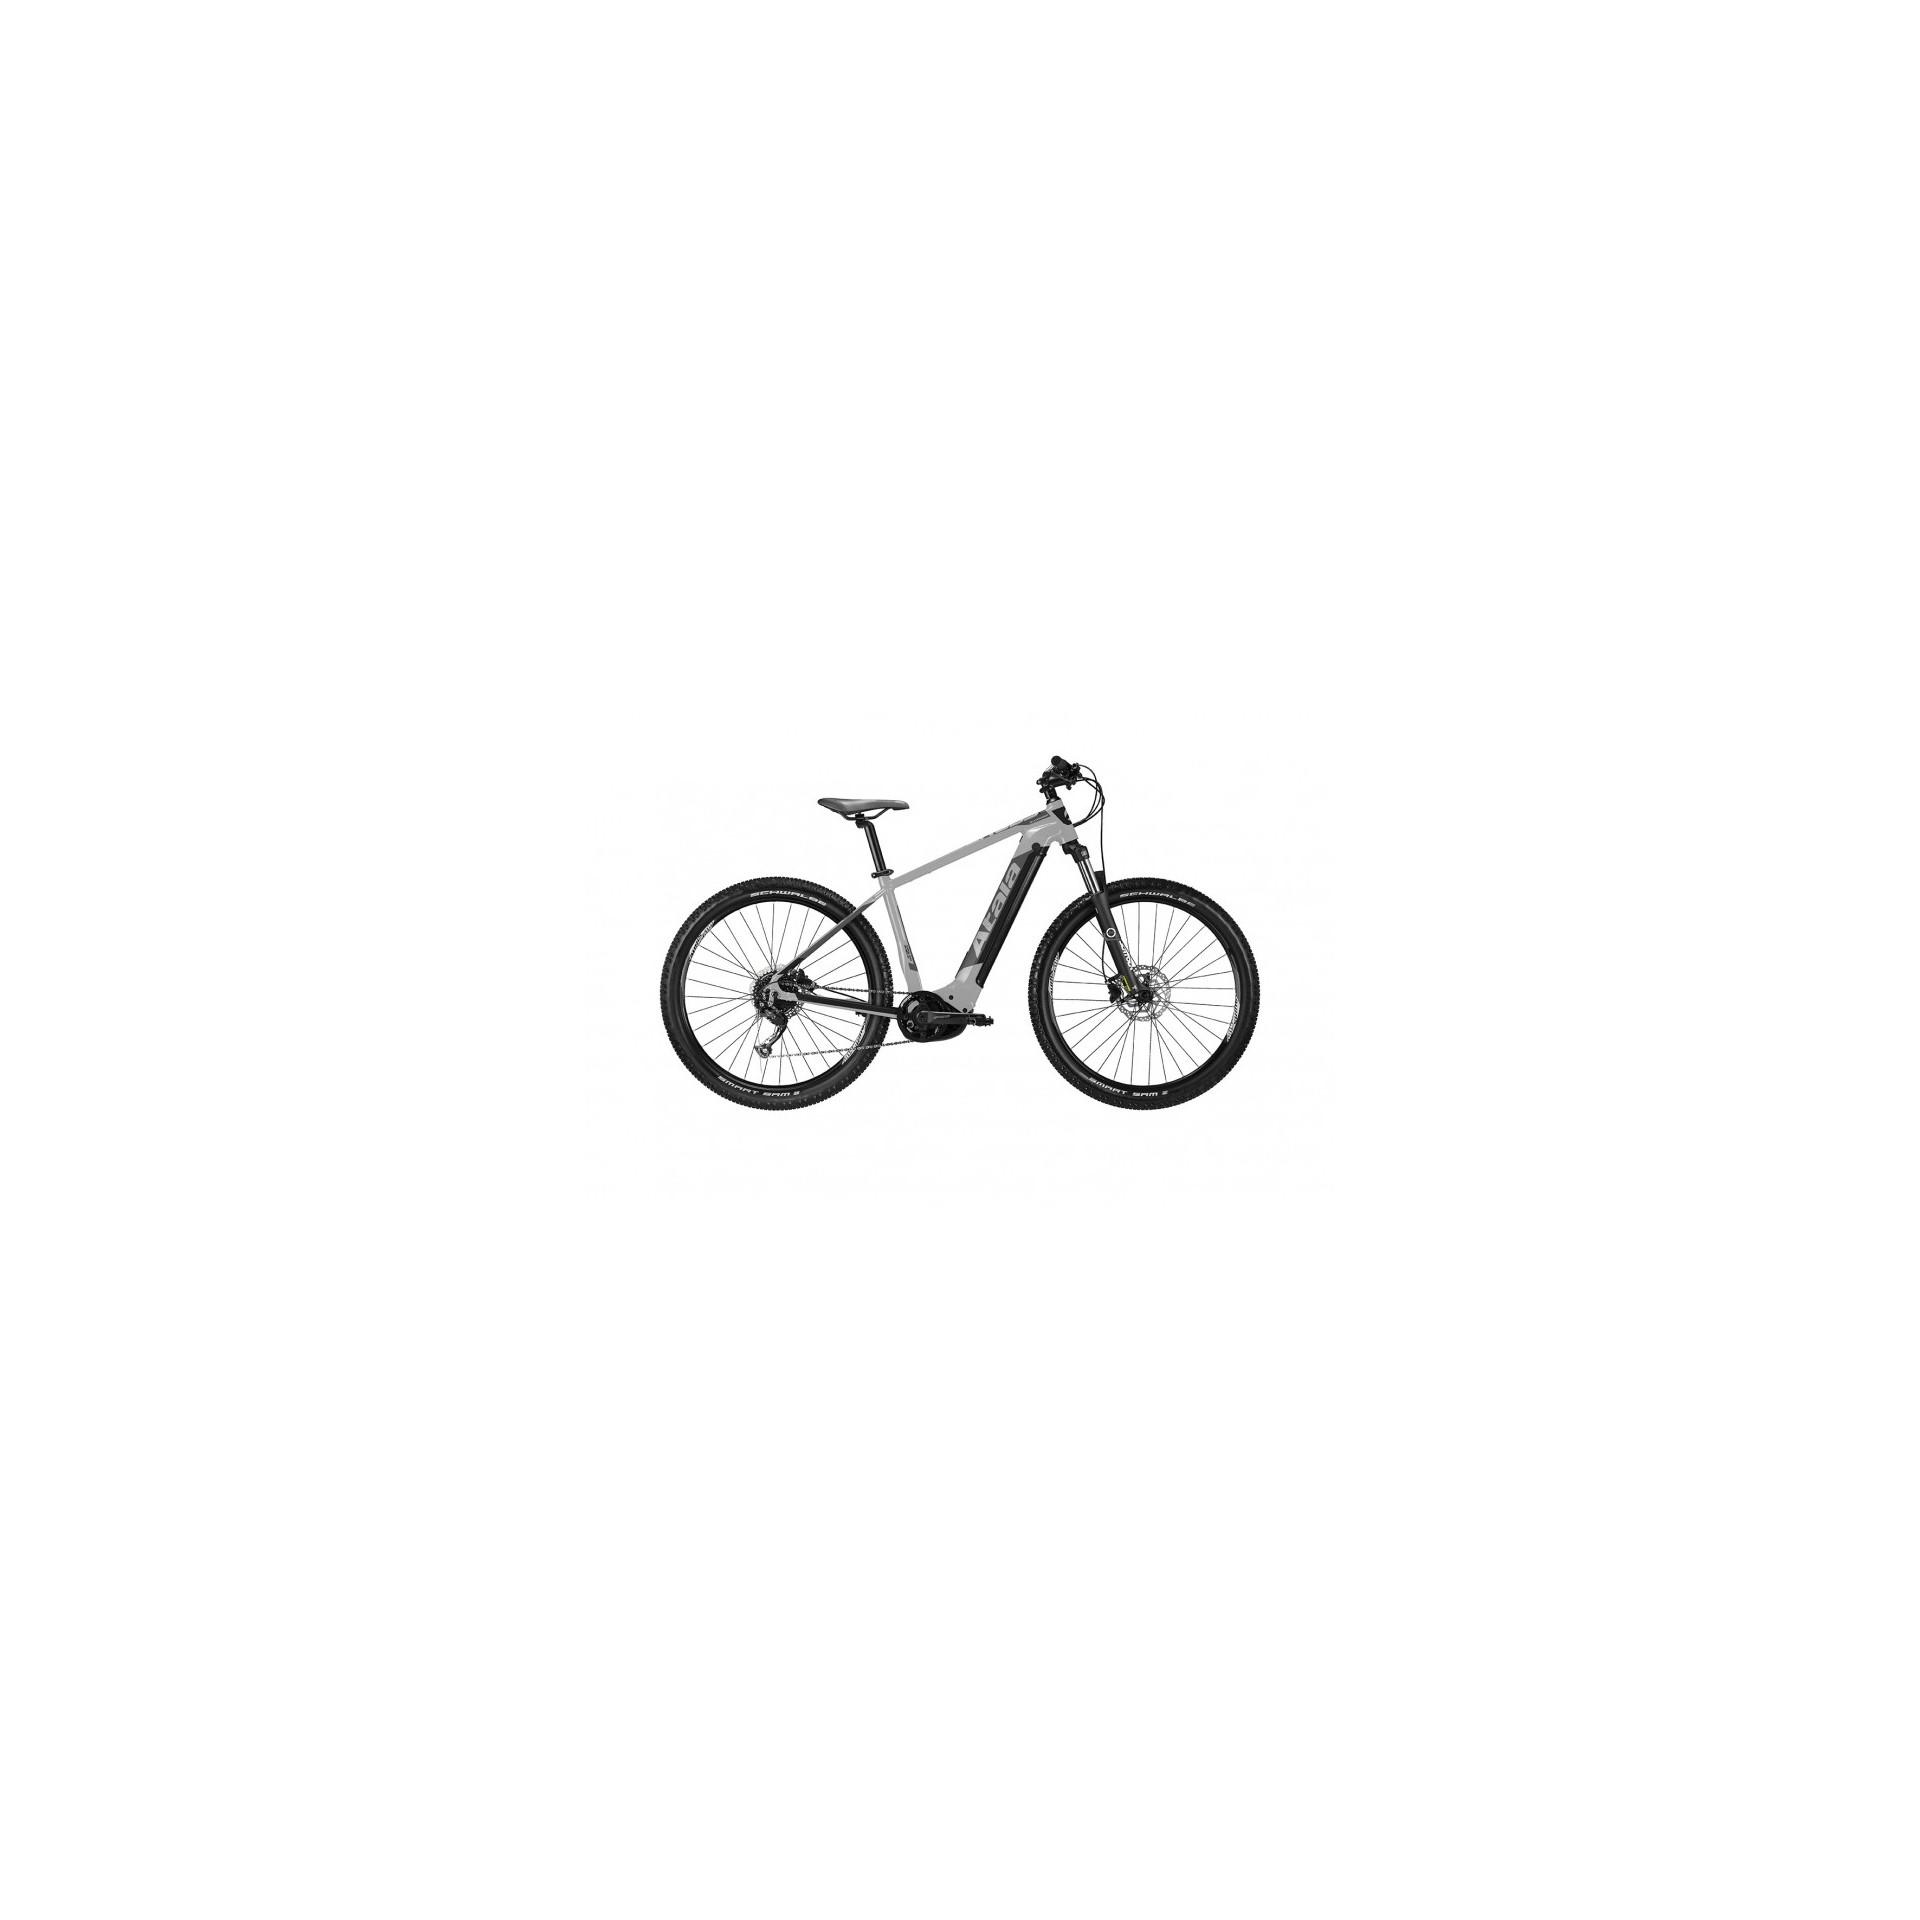 Rowery Elektryczne Atala  E-bike  E Rower Rowery Elektryczne Bosch